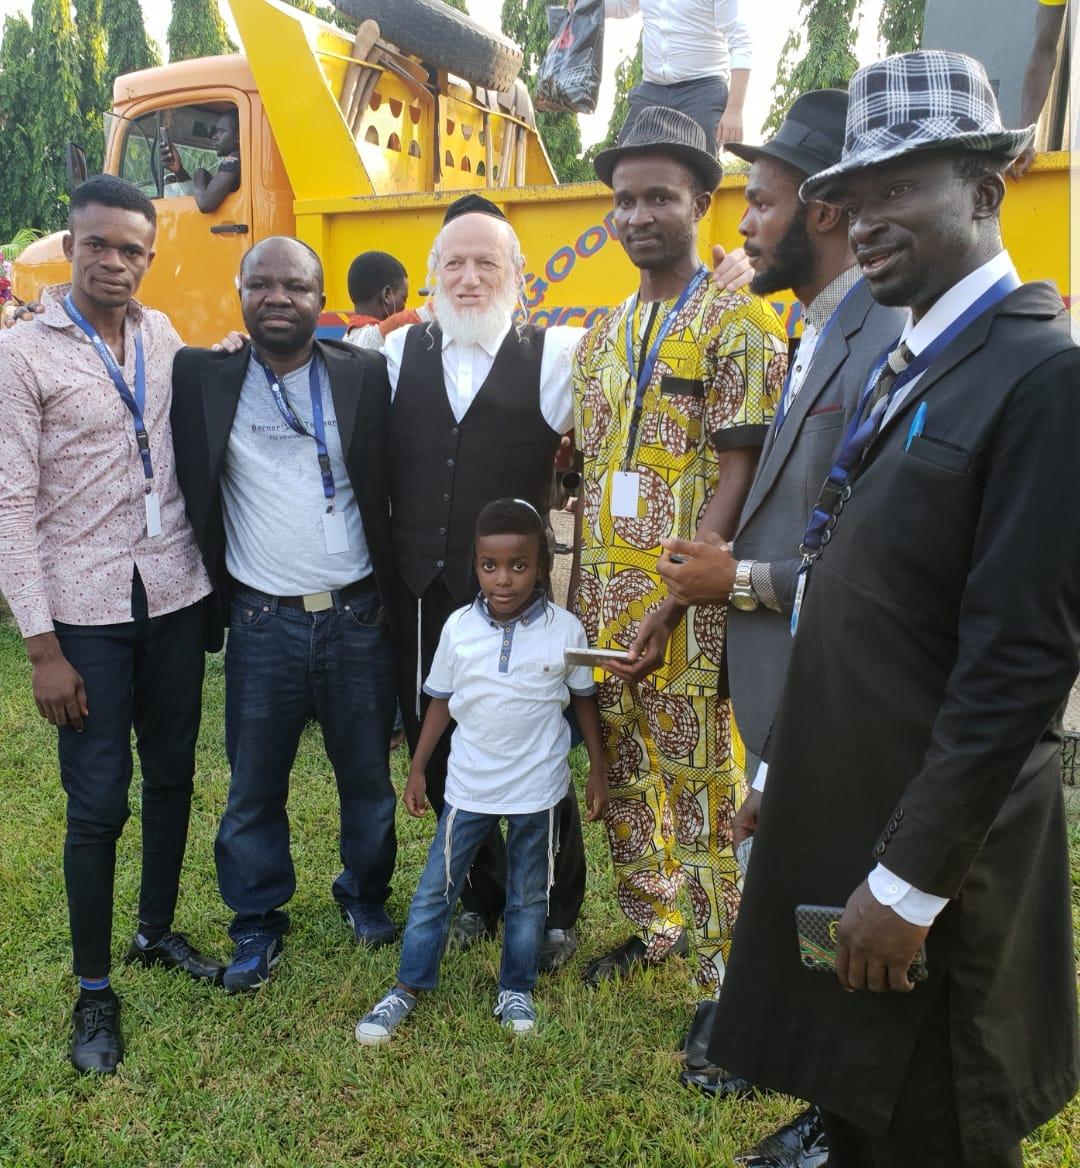 יהודים בניגריה עם יהודה משי זהב. באדיבות המצלם